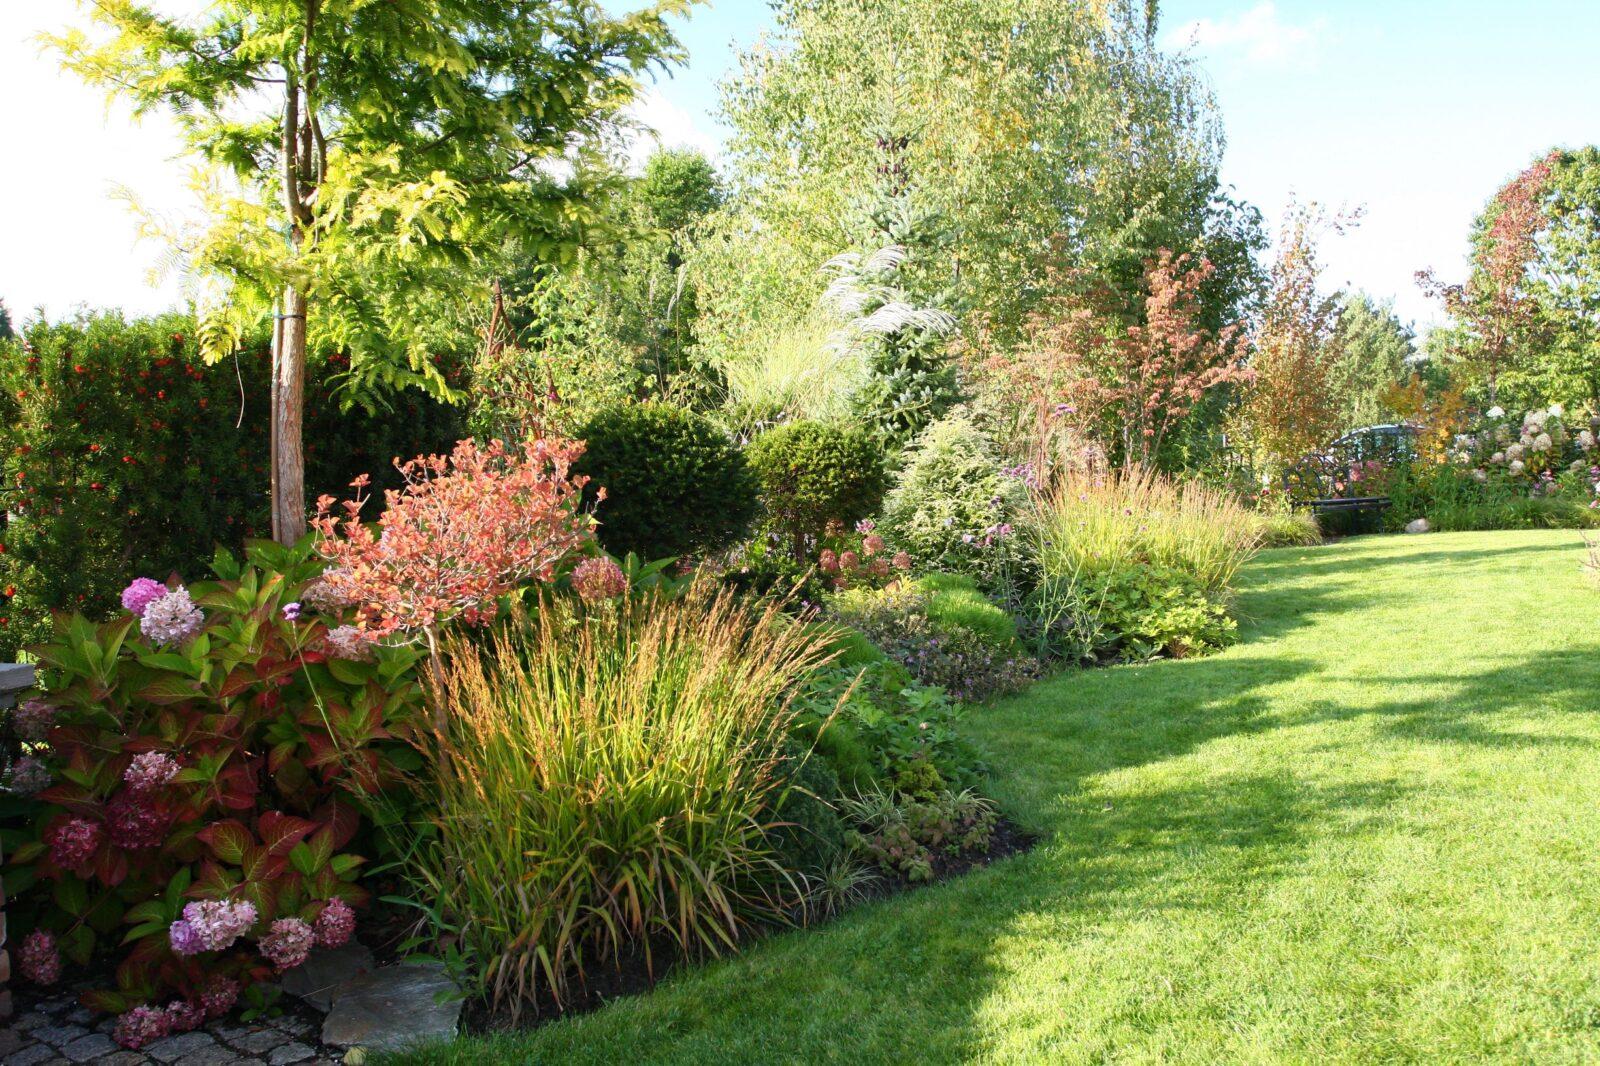 ogród Ani we wrześniu